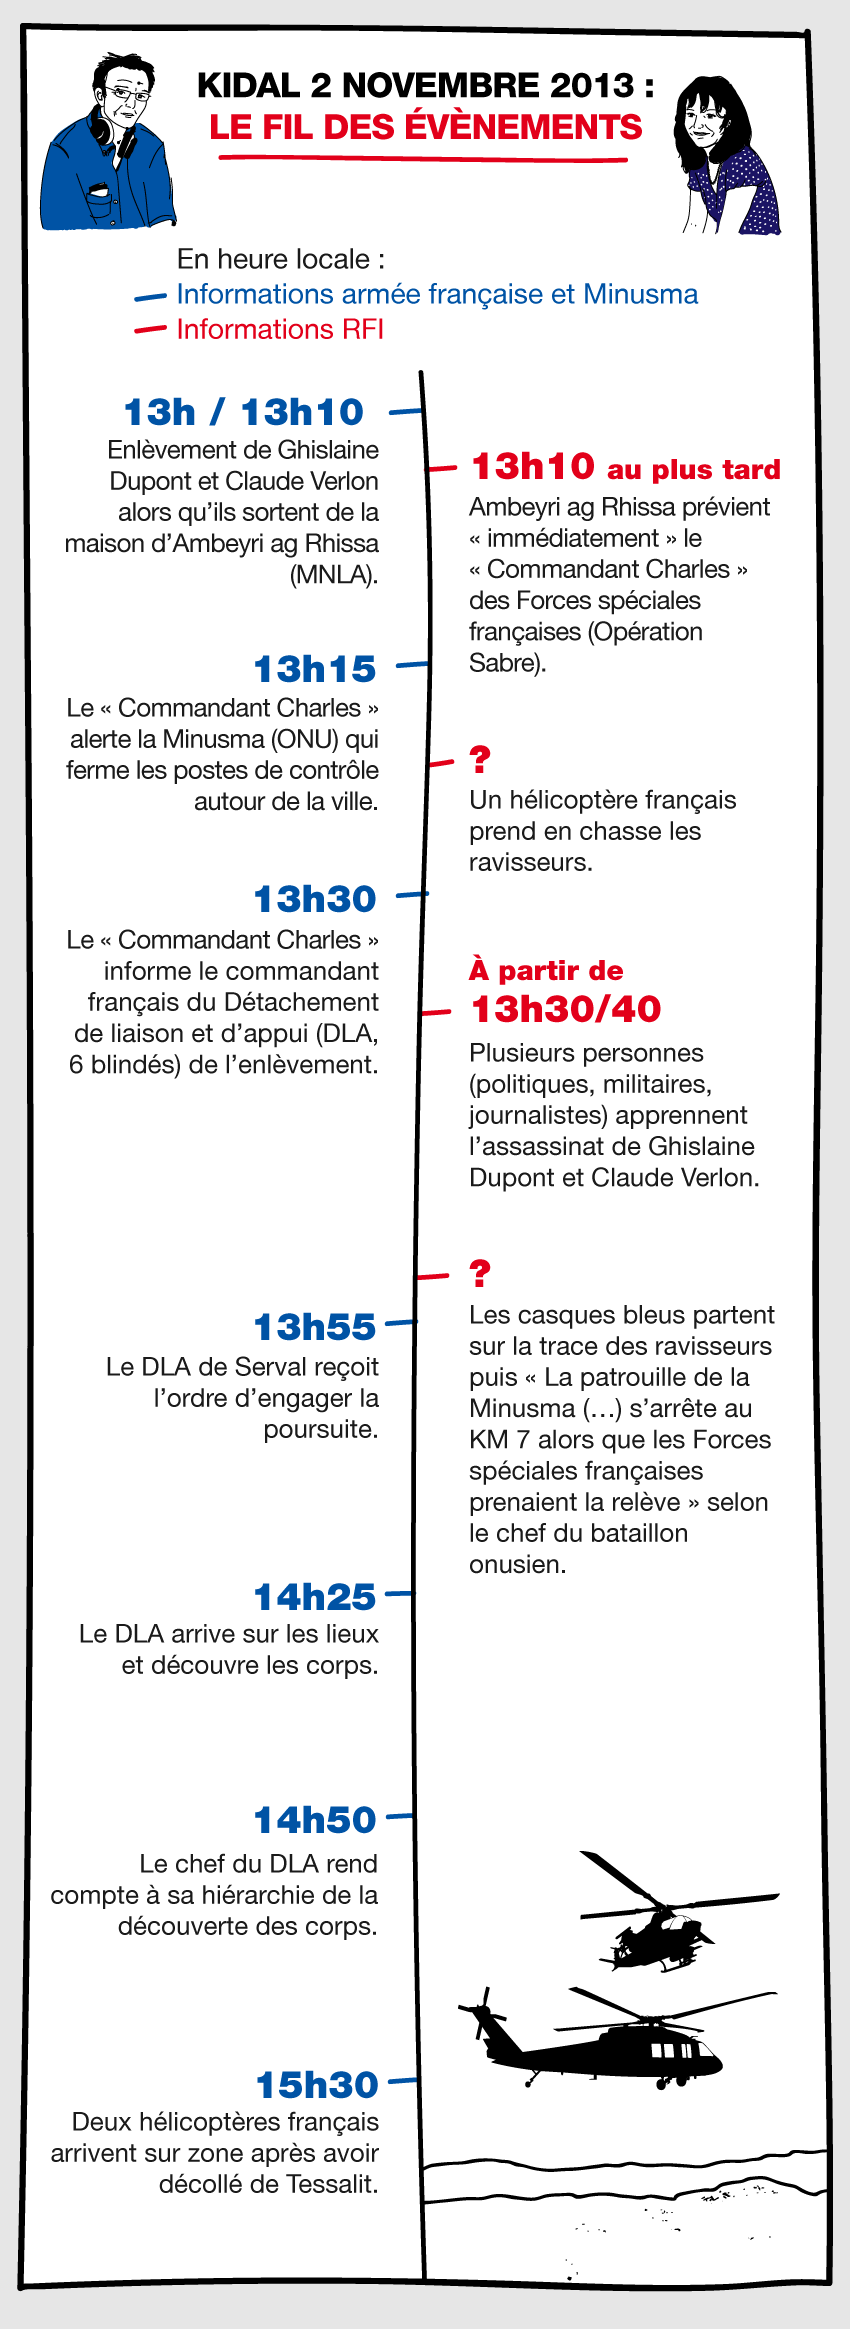 Chronologie de l'enlèvement puis de l'assassinat de Ghislaine Dupont et Claude Verlon, à Kidal.